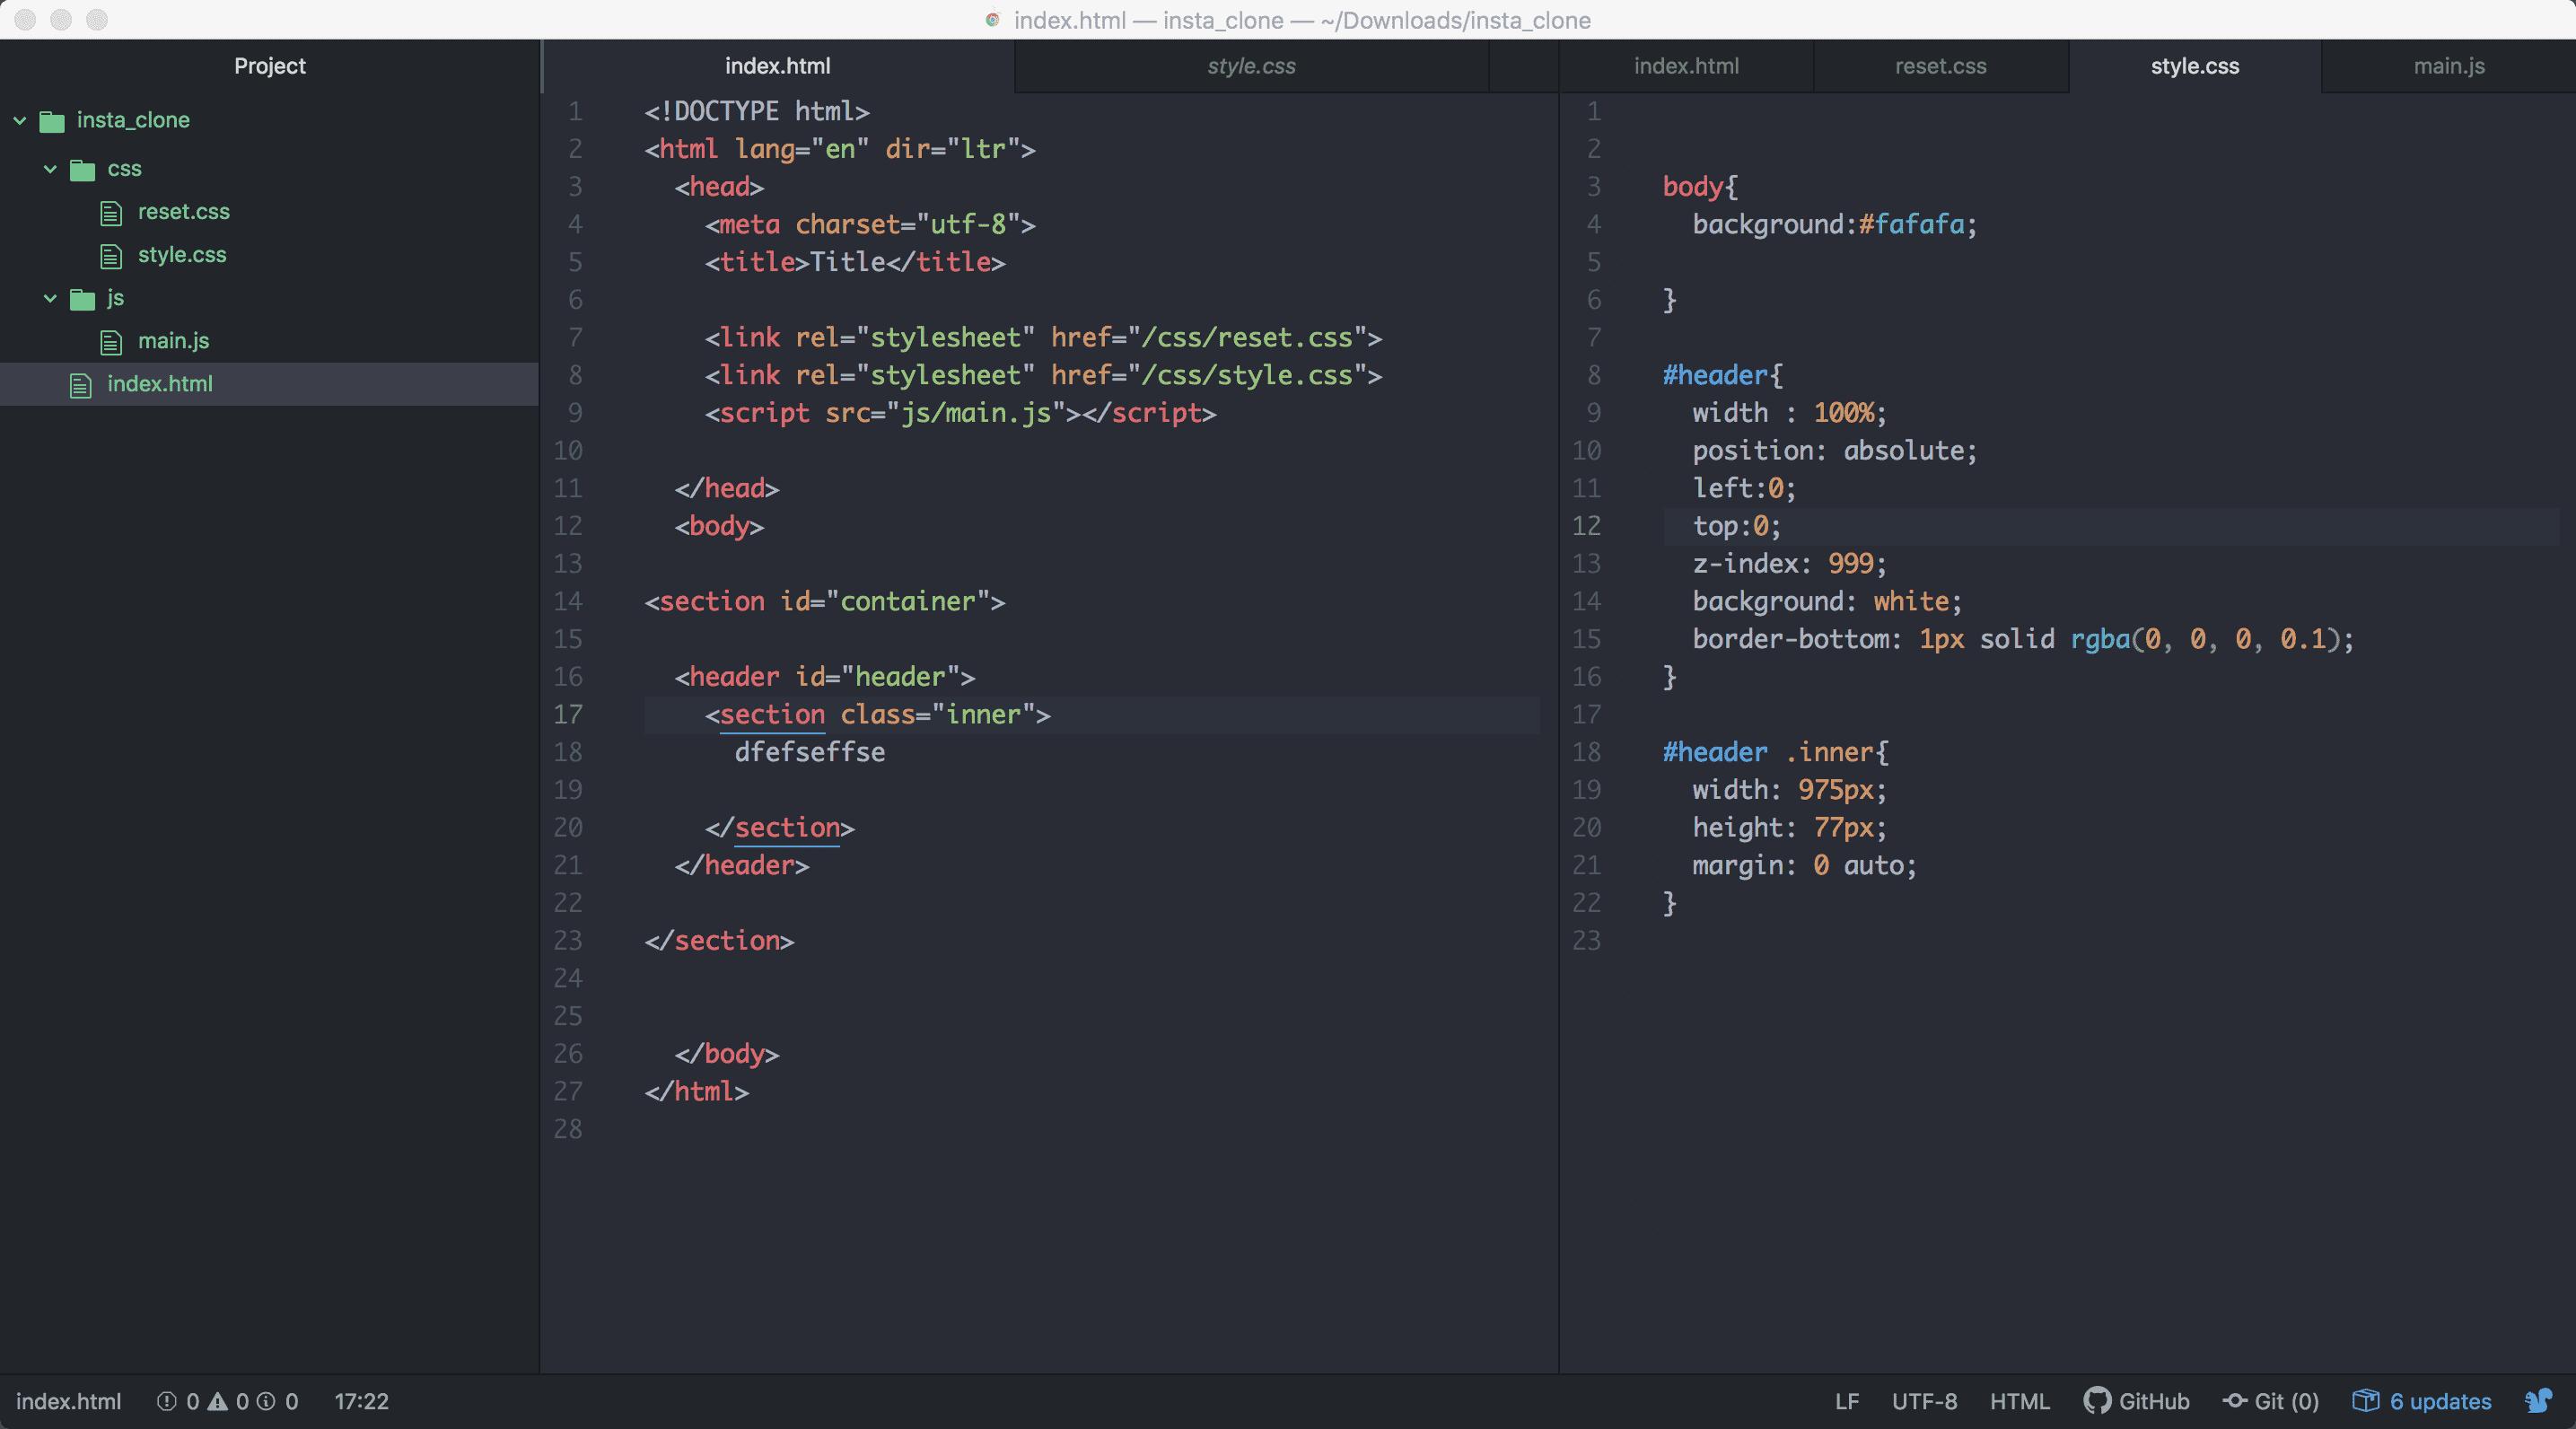 다 제대로 작성했는데 html만 반영이 됩니다.